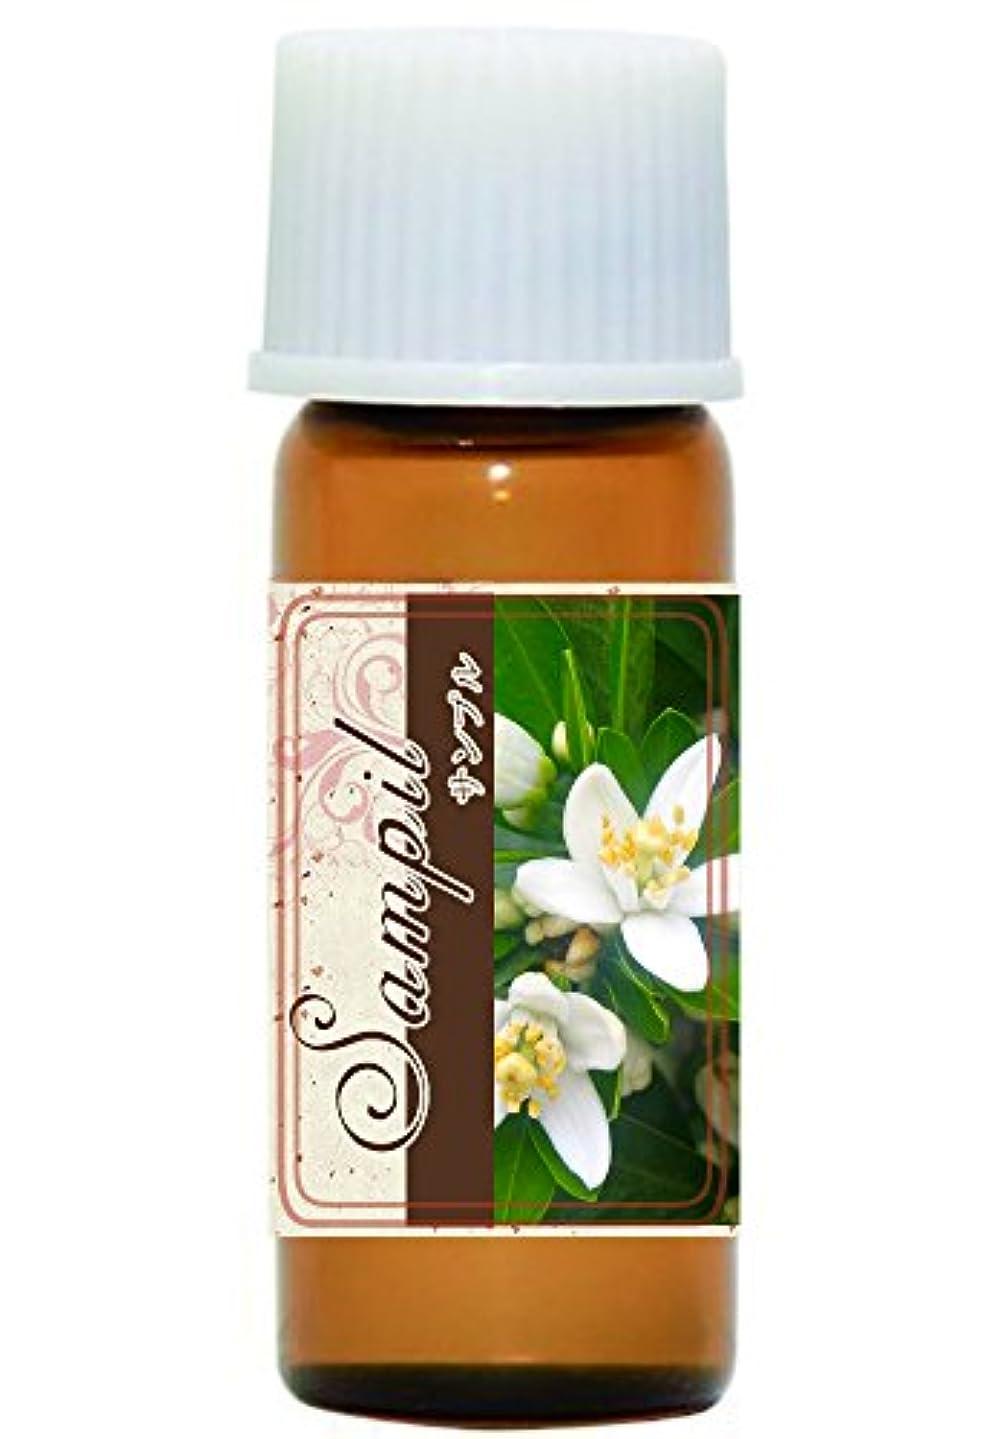 八百屋さんあそこ集計【お試しサンプル】 ネロリ(ビターオレンジ花の精油) 0.3ml 100% エッセンシャルオイル アロマオイル